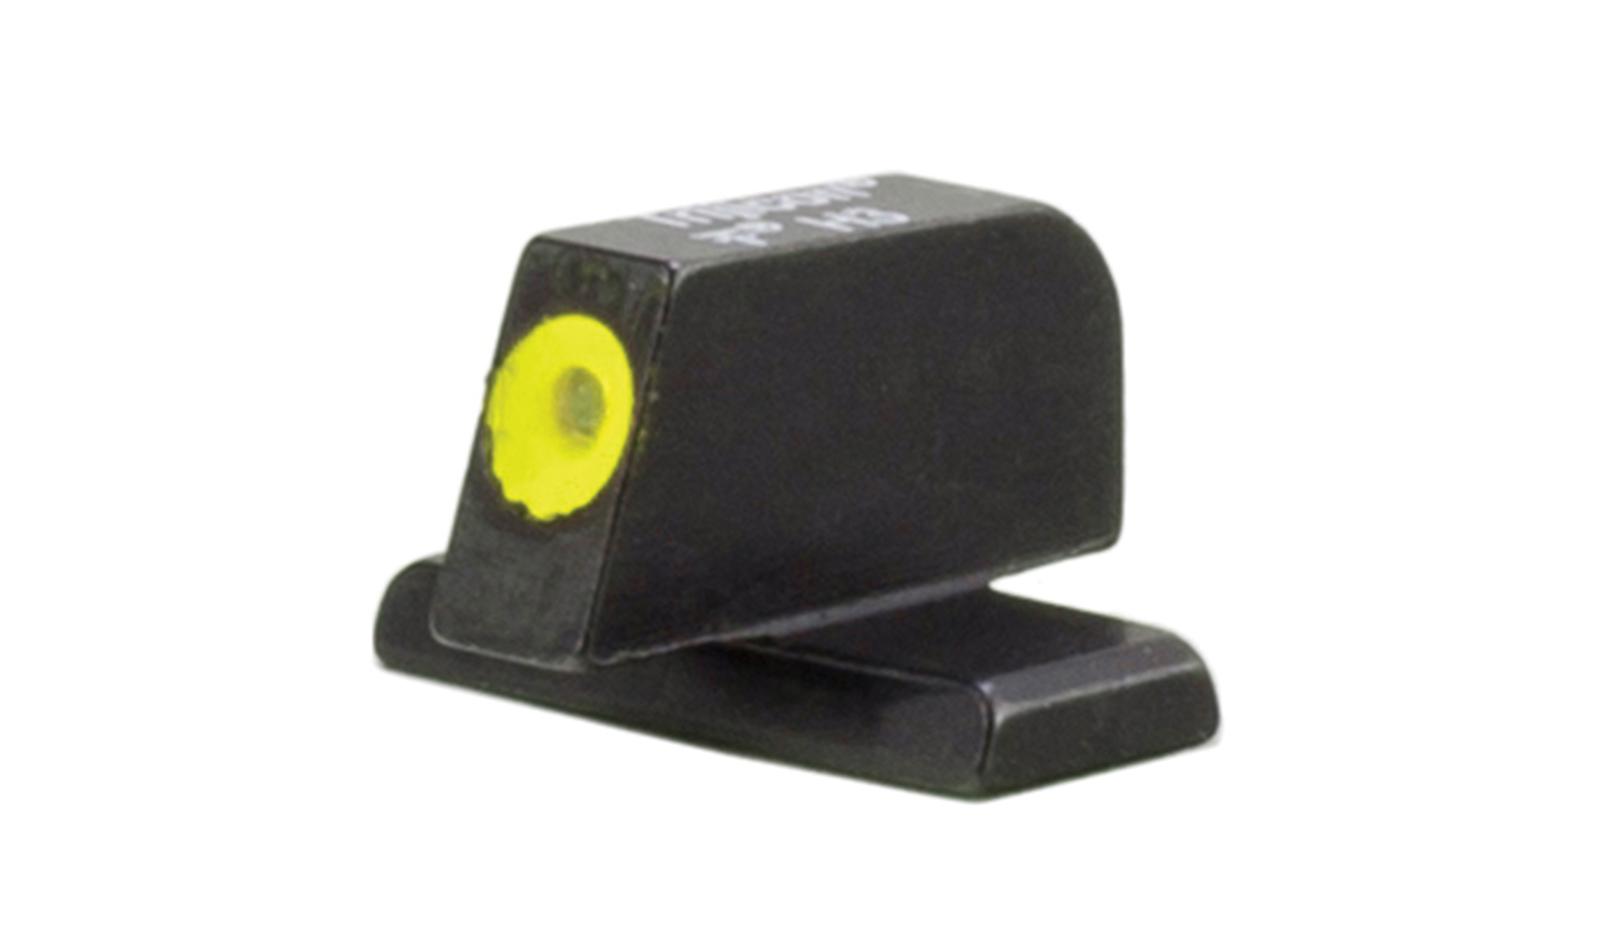 SG601-C-600867 angle 1